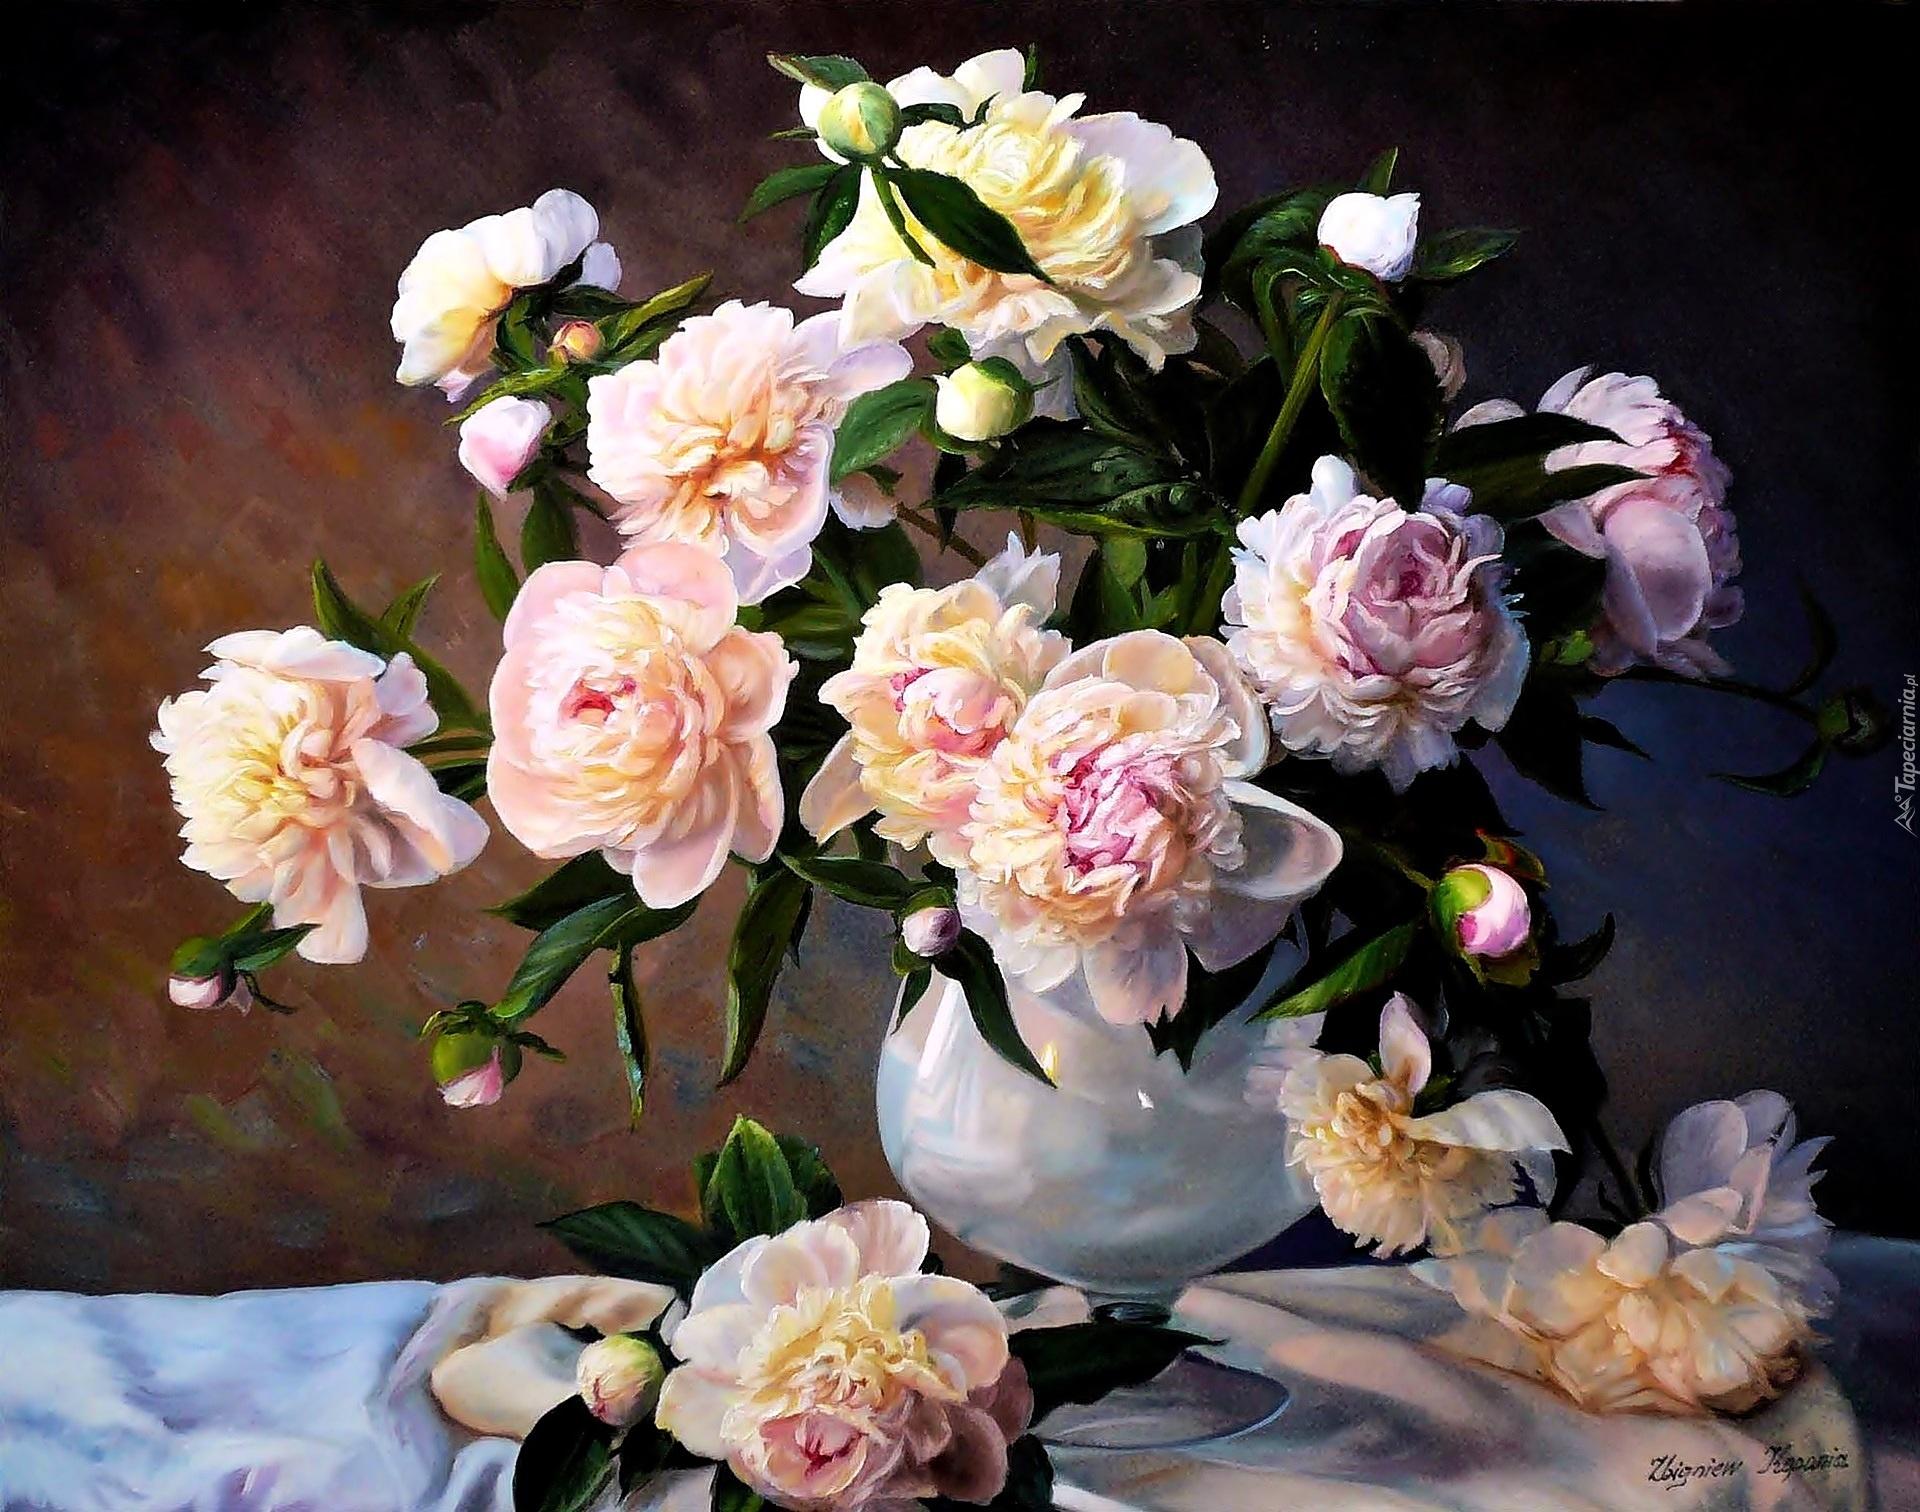 Доставка цветов и букетов со скидкой до 70 в Москве